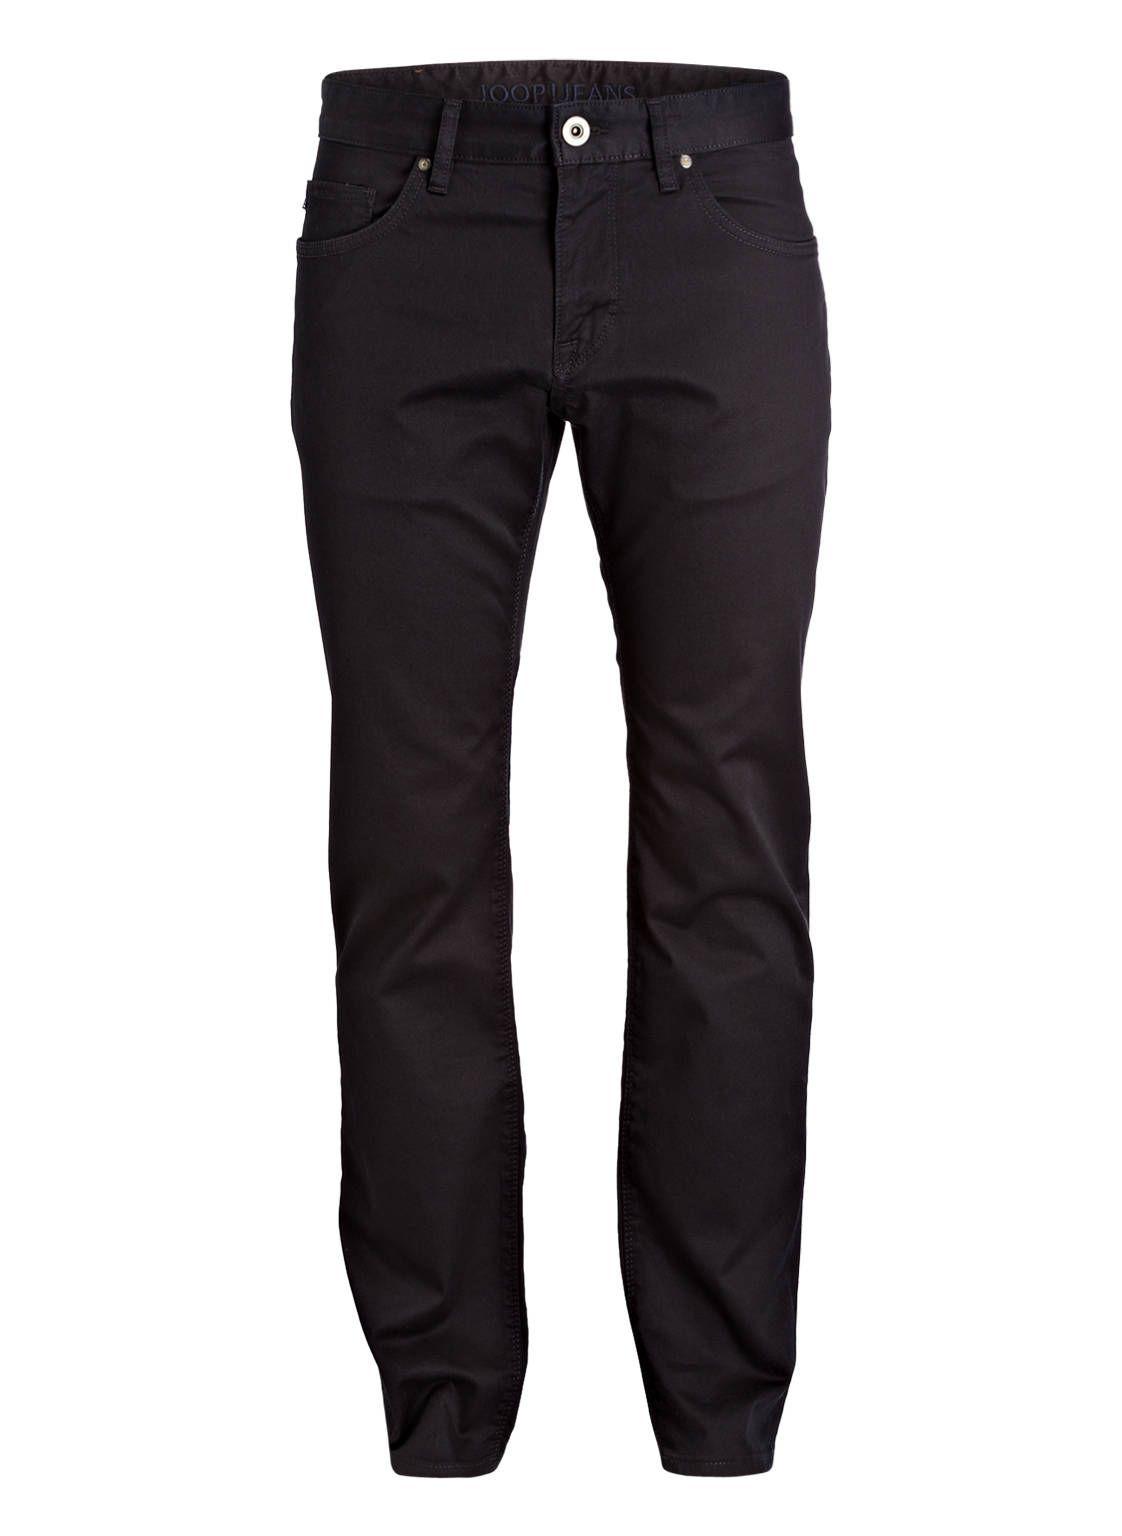 Jeans ROY Regular Fit von JOOP! bei Breuninger kaufen